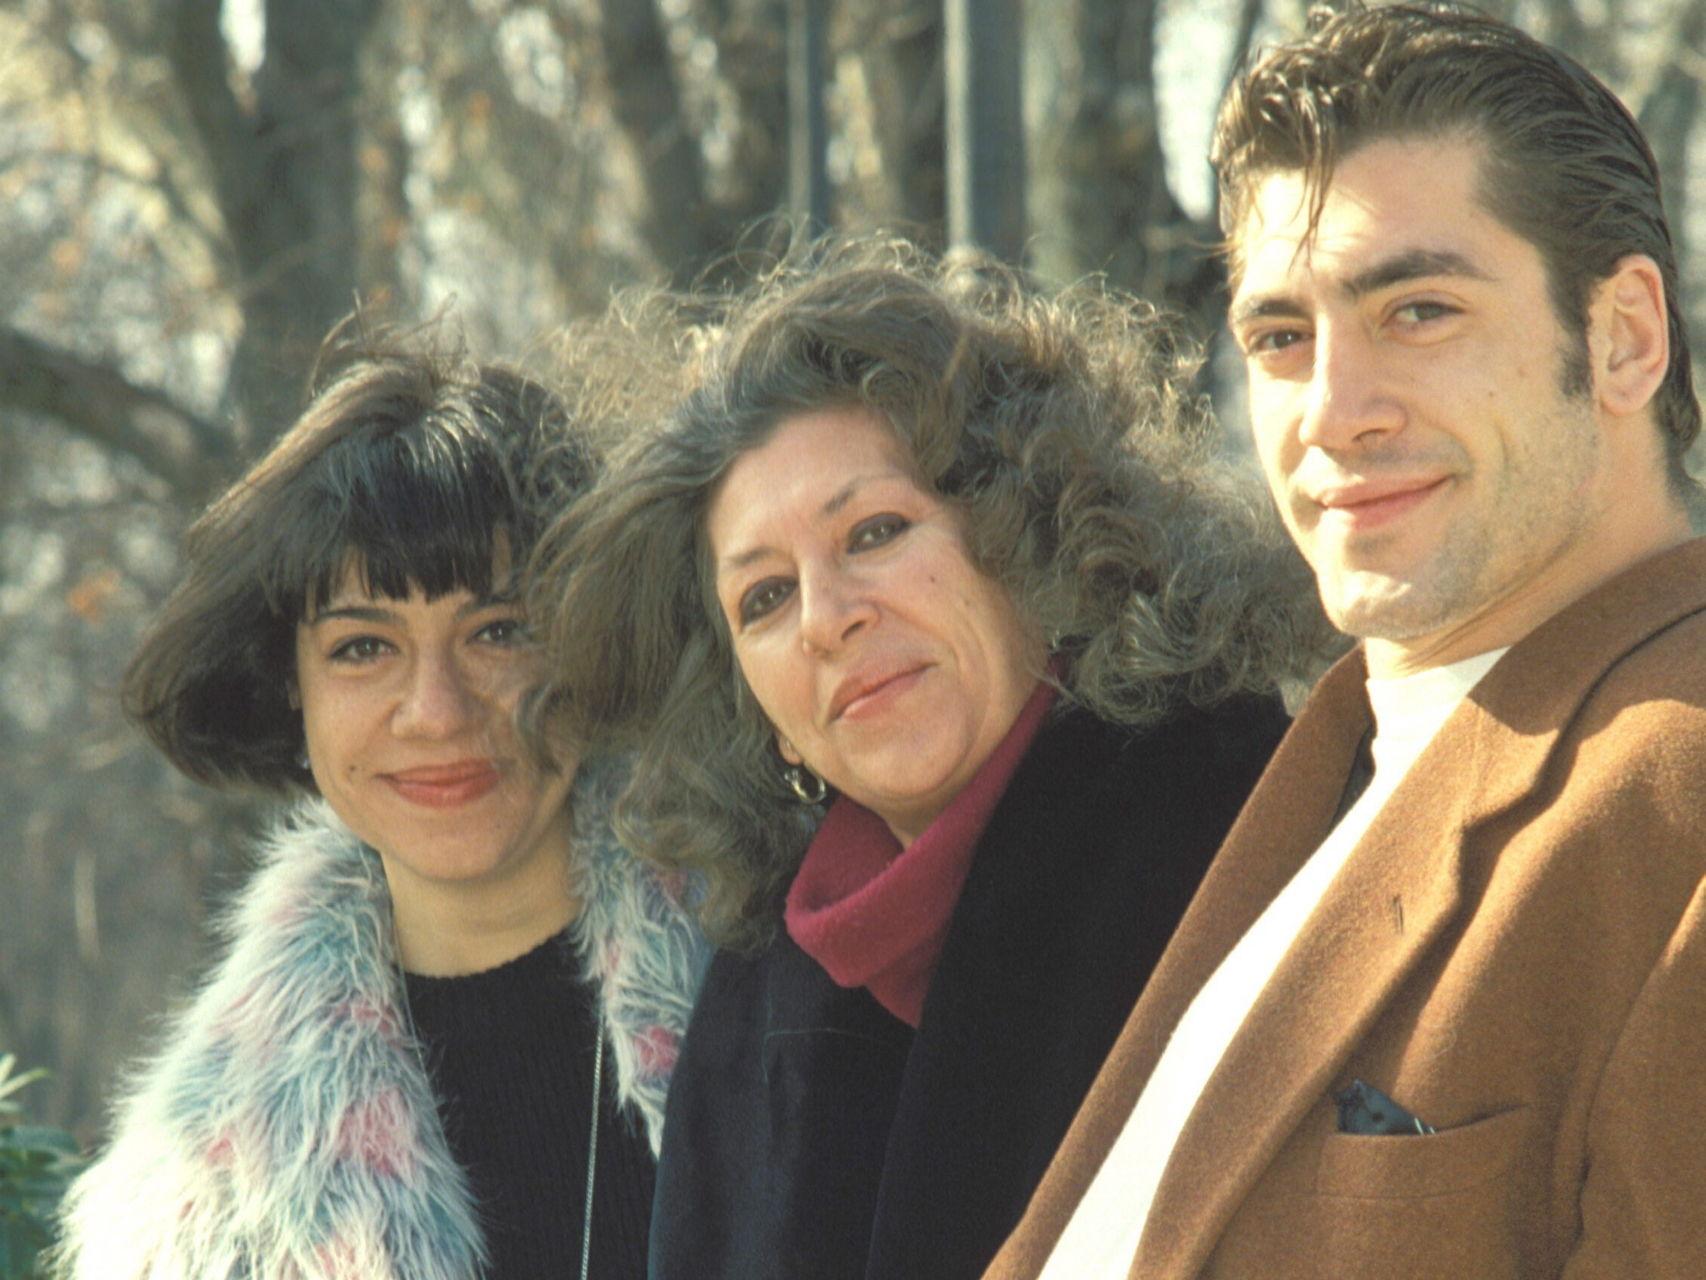 Моника Бардем (крайната вляво) с майка си Пилар и брат си Хавиер през 80-те. Снимка: elespanol.com